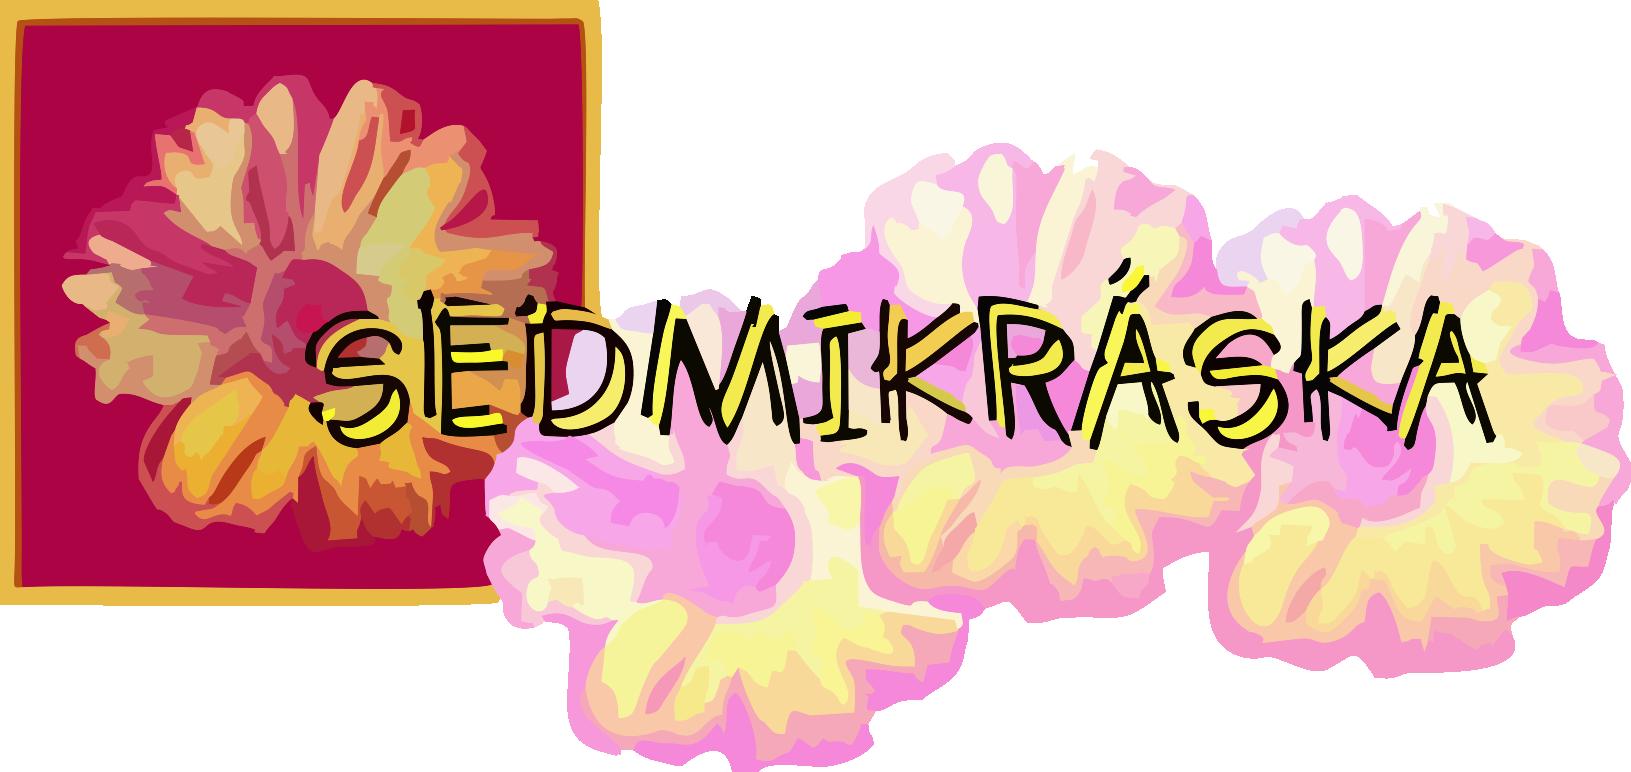 RC Sedmikráska